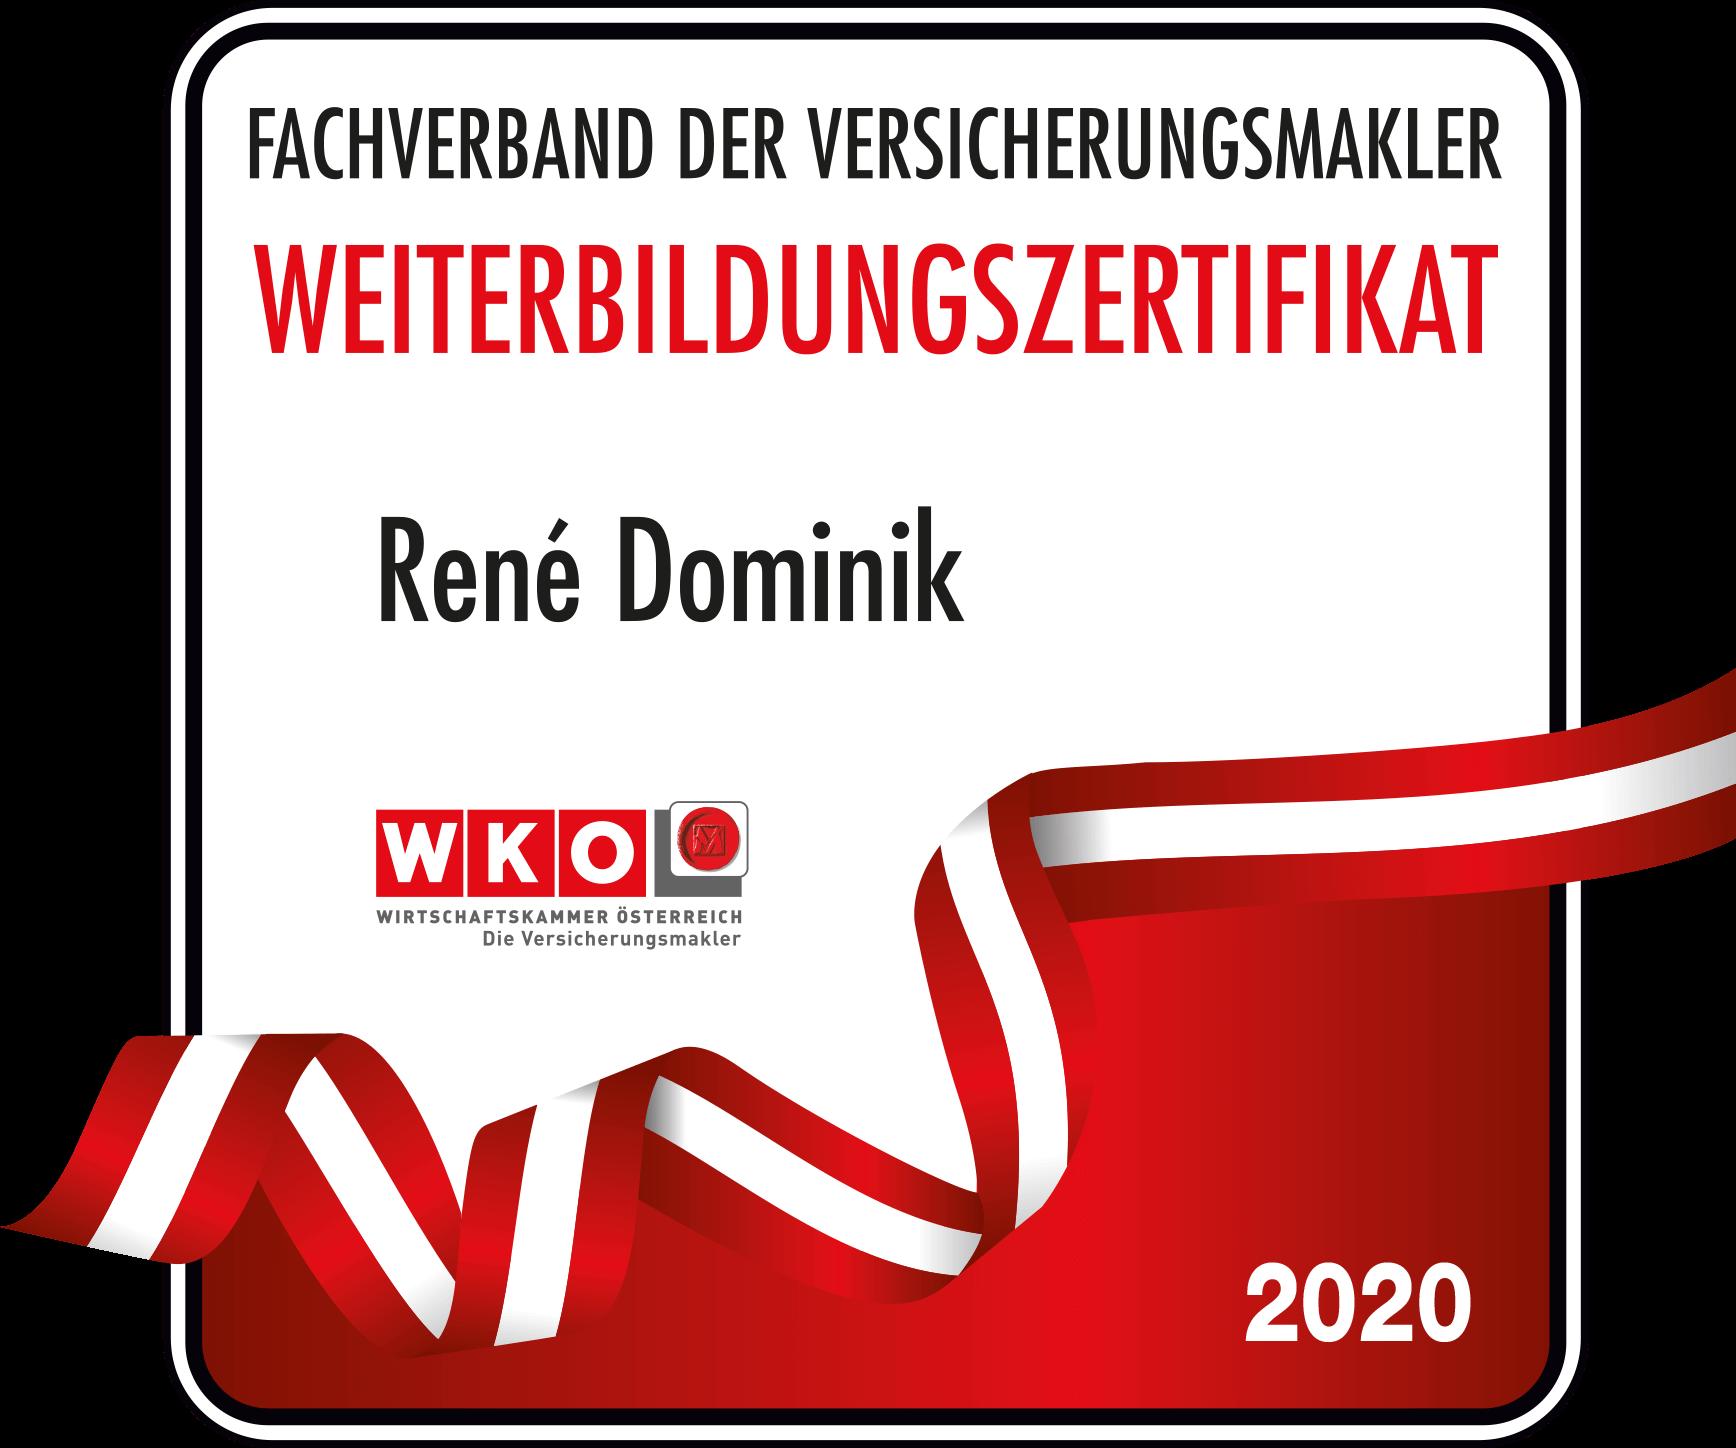 Weiterbildungszertifikat_Rene_Dominik_2020